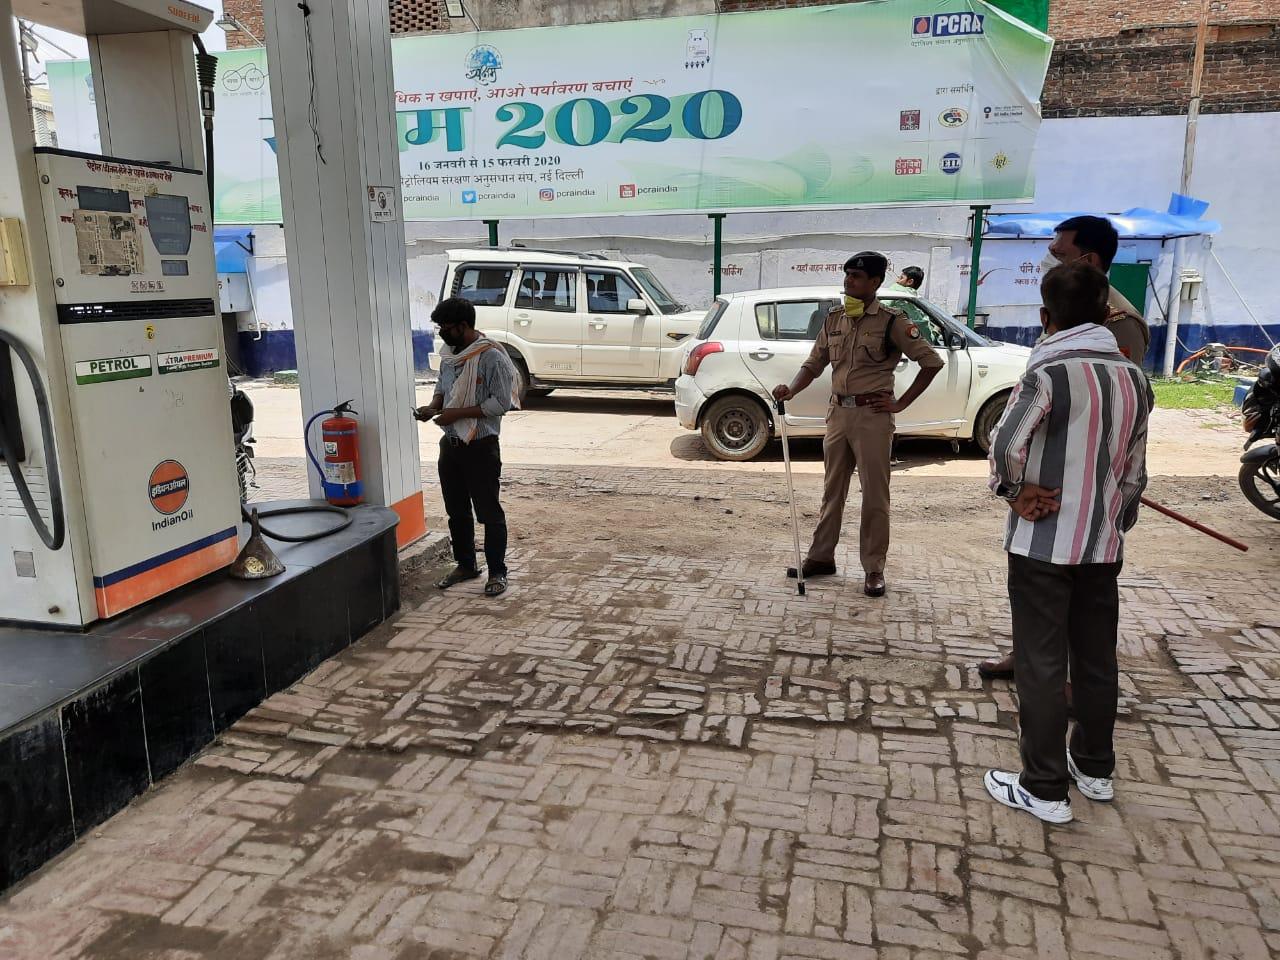 जालौन पुलिस द्वारा बैंक एटीएम,पेट्रोल पंप चेकिंग अभियान चलाया गया -पुलिस अधीक्षक जालौन      संवाददाता, Journalist Anil Prabhakar.                          www.upviral24.in   जनपद जालौन उत्तर प्रदेश बैंक एटीएम,पेट्रोल पम्प चैकिंग अभियान~  जालौन पुलिस द्वारा बैंक एटीएम,पेट्रोल पंप चेकिंग अभियान चलाया गया -पुलिस अधीक्षक जालौन,  आज दिनांक 27.07.2020 को पुलिस अधीक्षक जालौन के निर्देशन में जालौन पुलिस द्वारा बैंक चेकिंग अभियान चलाया गया एवं बैंक/पेट्रोल पम्प में लगे सुरक्षा उपकरणों कैमरे/अलार्म/अग्निशमन यंत्रो व बैंक के अन्दर/बाहर संदिग्ध व्यक्तियों/वाहनों आदि की चेकिंग कर लोगों से मास्क लगाने, सोशल_डिस्टेंसिंग बनाए रखने हेतु जागरूक किया गया ।    संवाददाता, Journalist Anil Prabhakar.                          www.upviral24.in